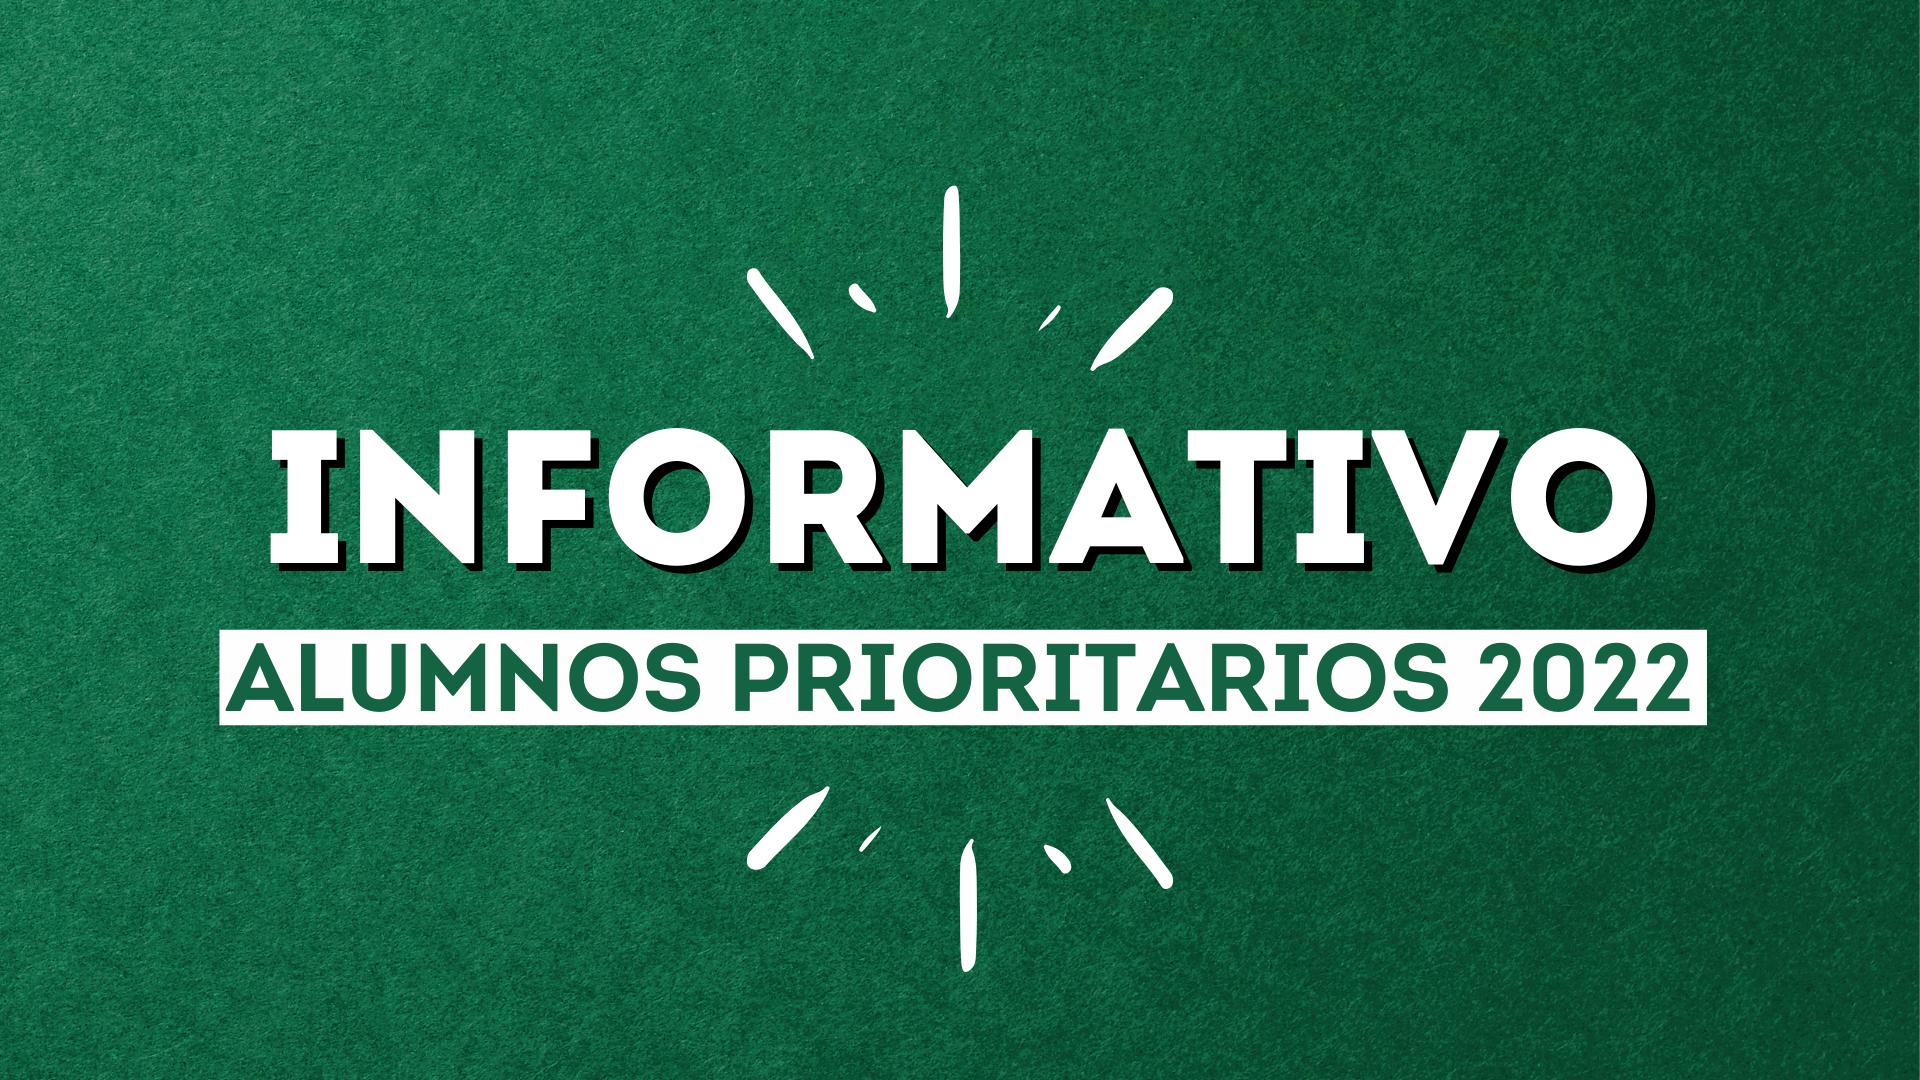 INFORMATIVO ALUMNOS PRIORITARIOS 2022